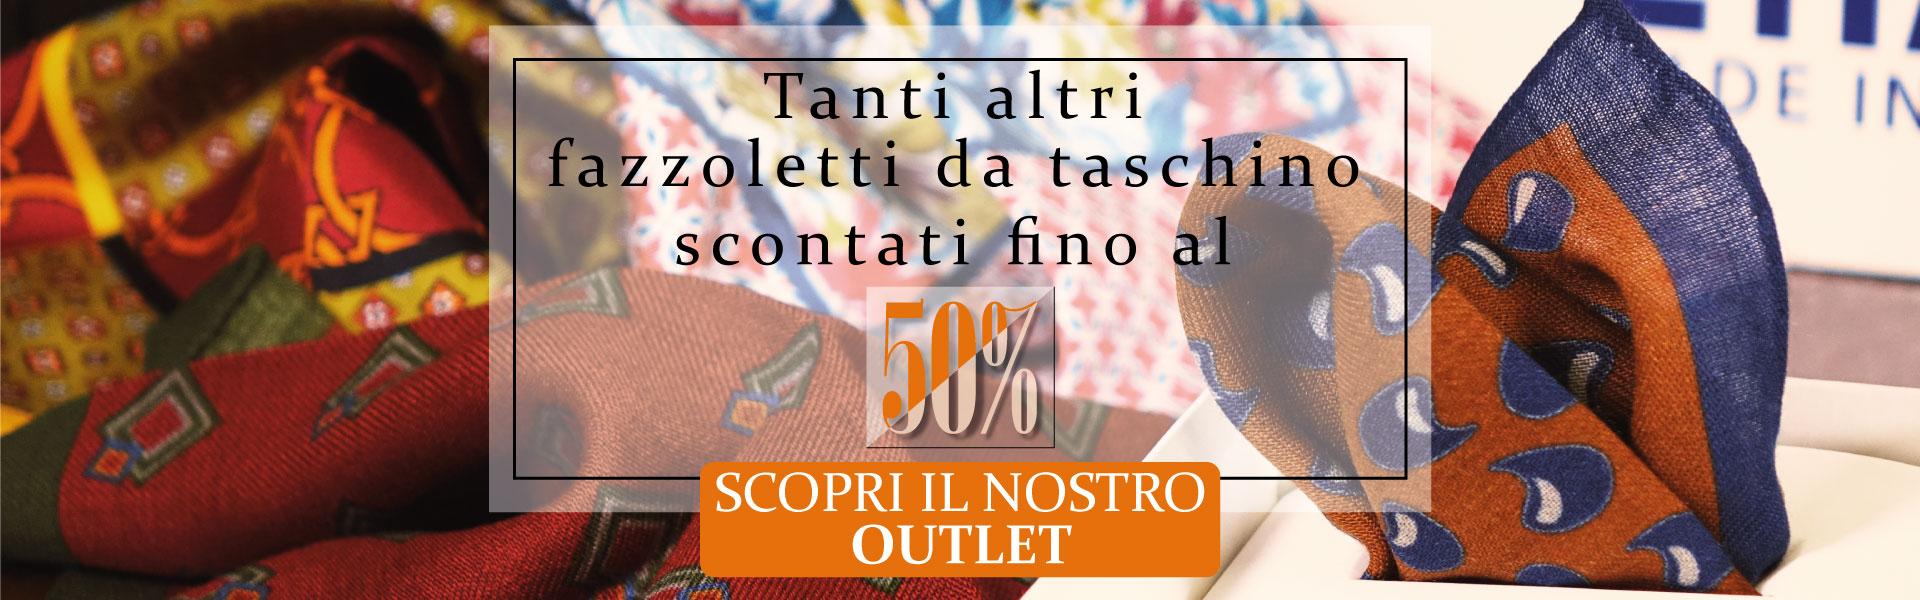 Fazzoletti da taschino fatti a mano in Italia - Vecchie collezioni in offerta fino al 50%